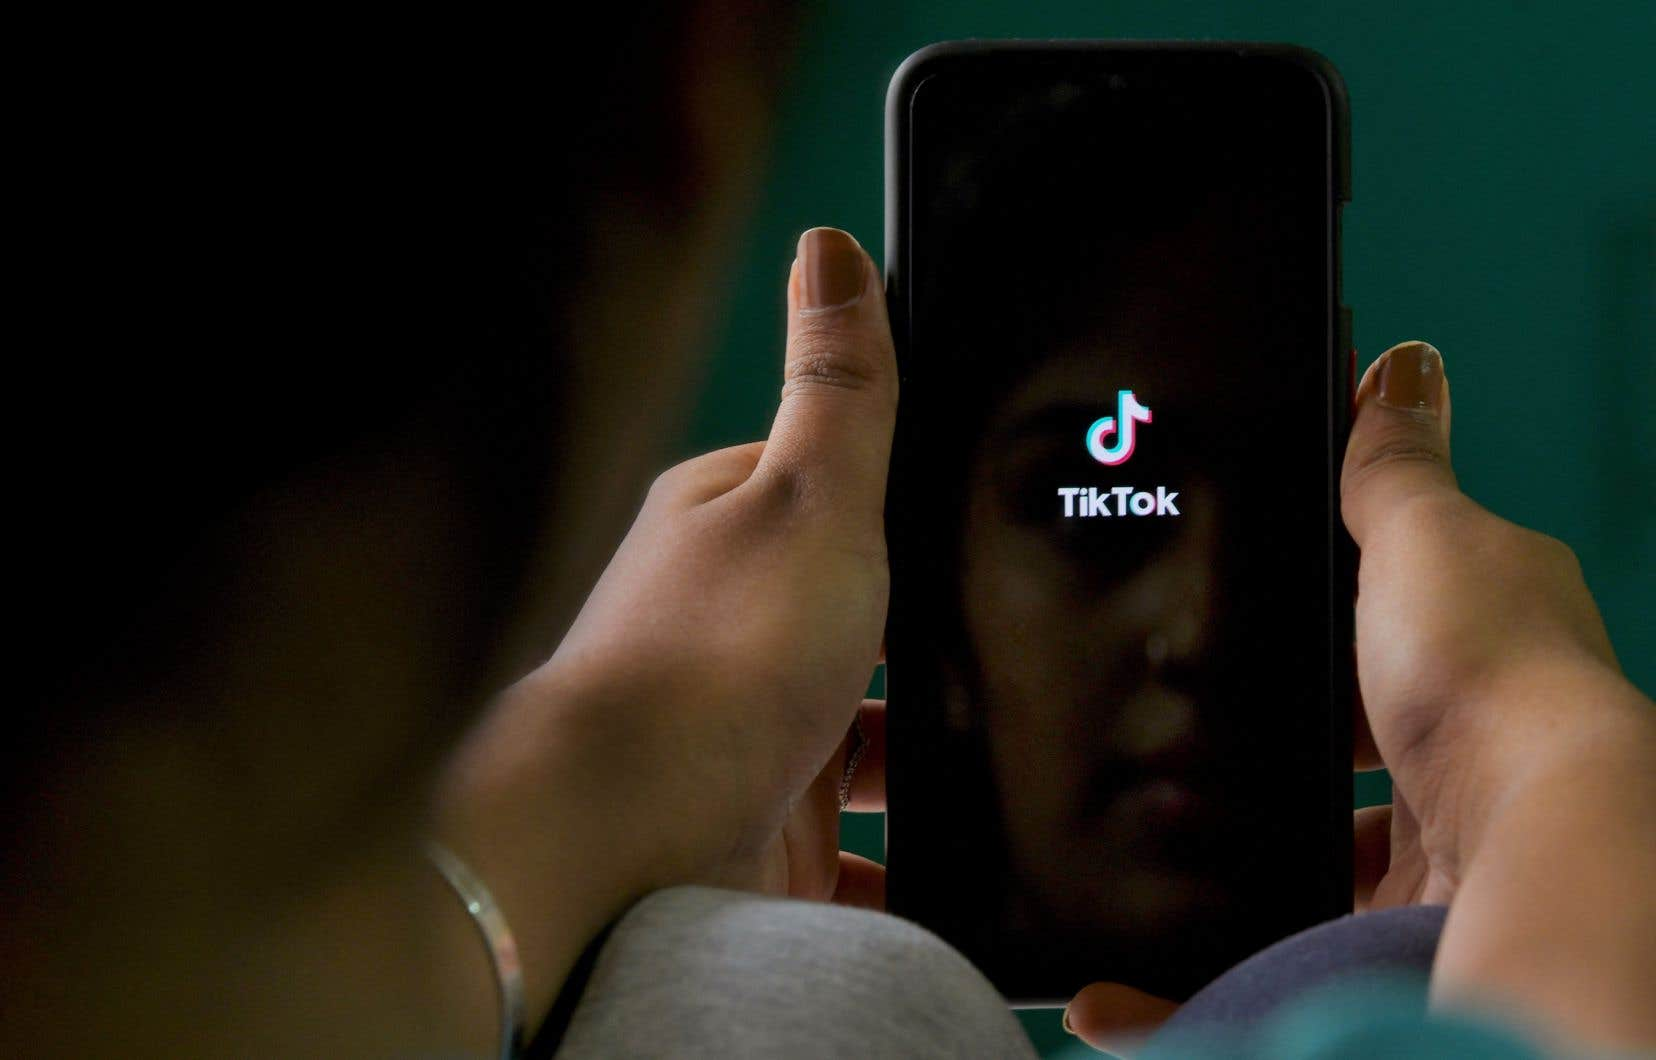 «Même si les spécialistes de la communication politique demeurent perplexes devant les usages politiques de TikTok, cela ne veut pas dire que cette plateforme ne deviendra pas incontournable au fil du temps», affirme l'autrice.